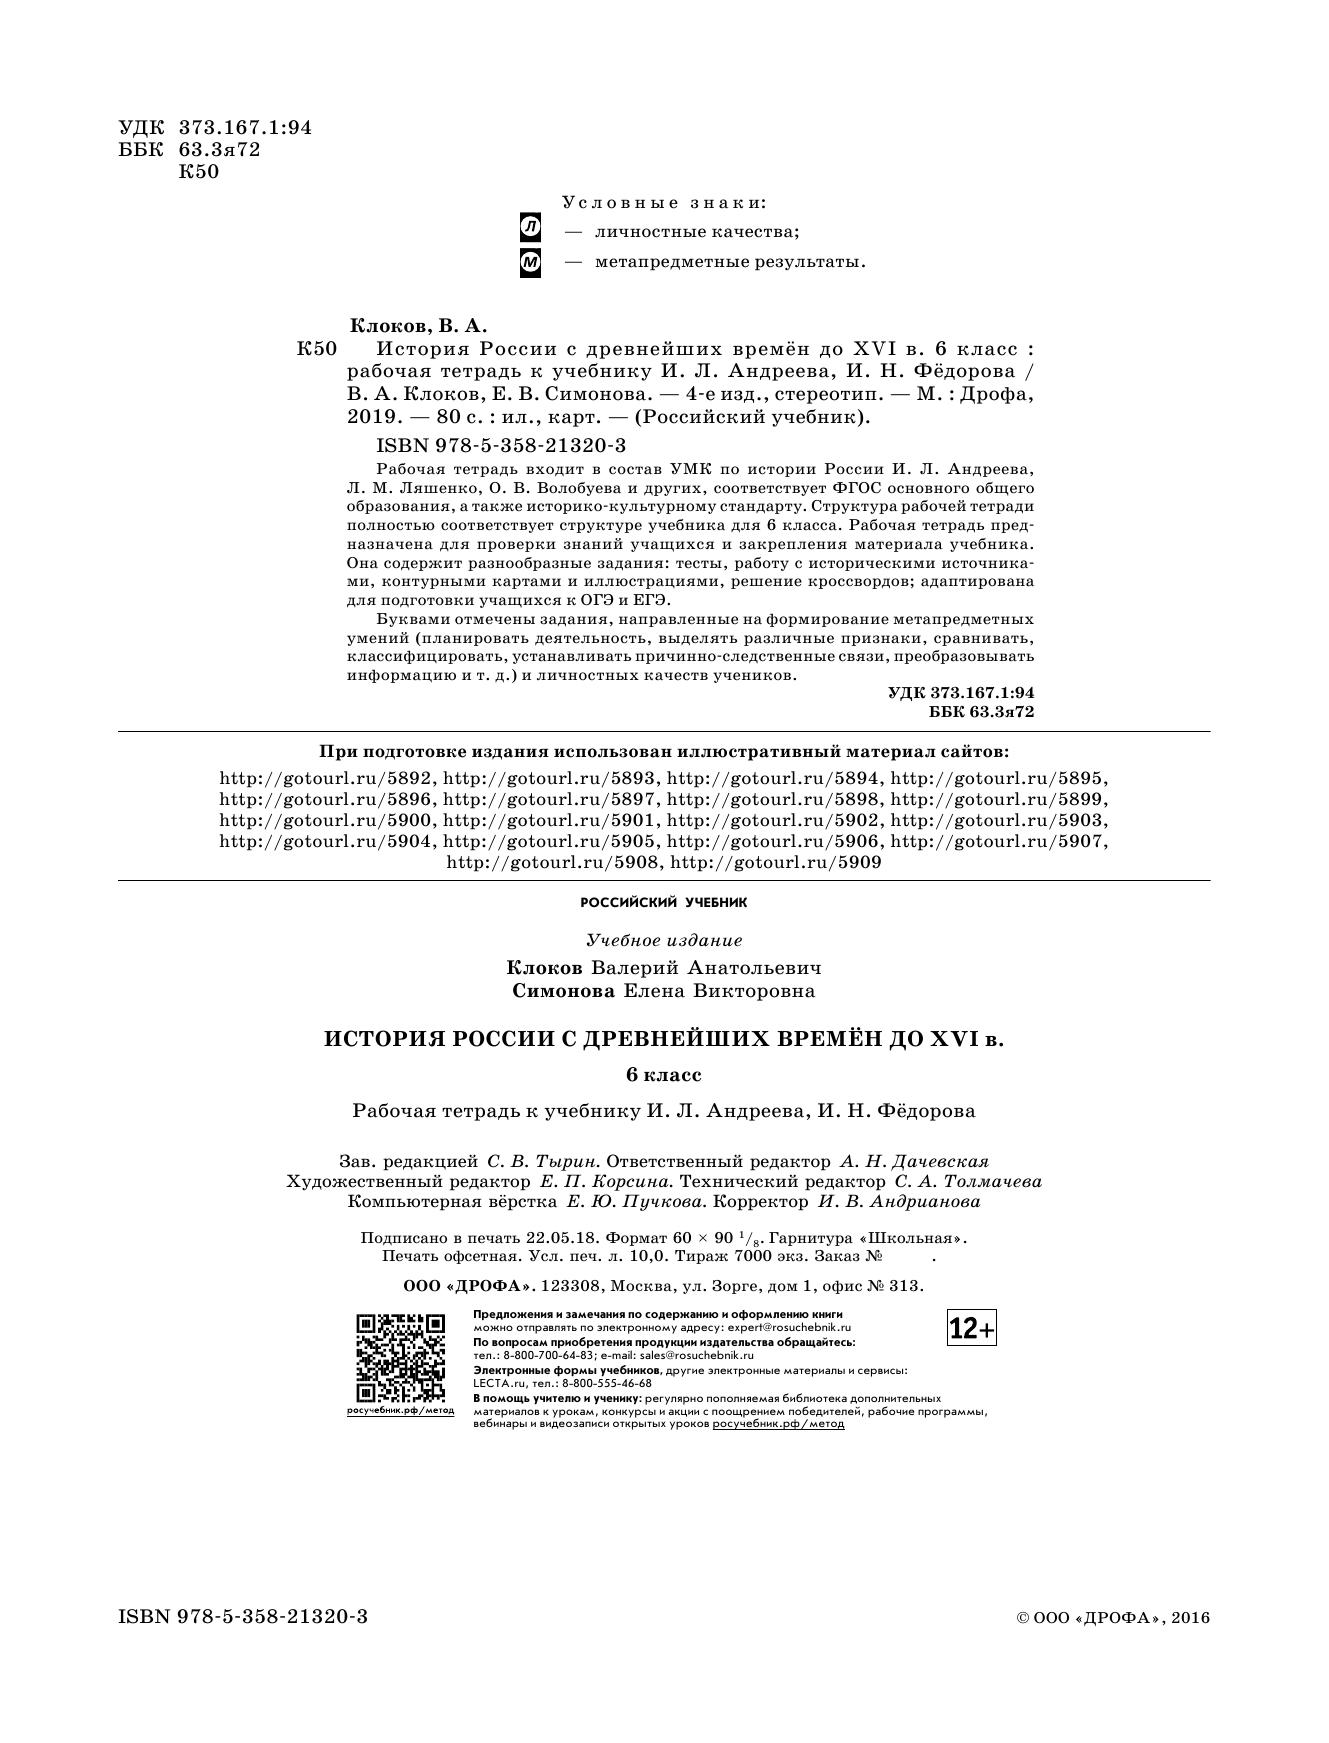 reshebnik-po-informatike-6-klass-istorii-rossii-andreev-garmonizirovannaya-sistema